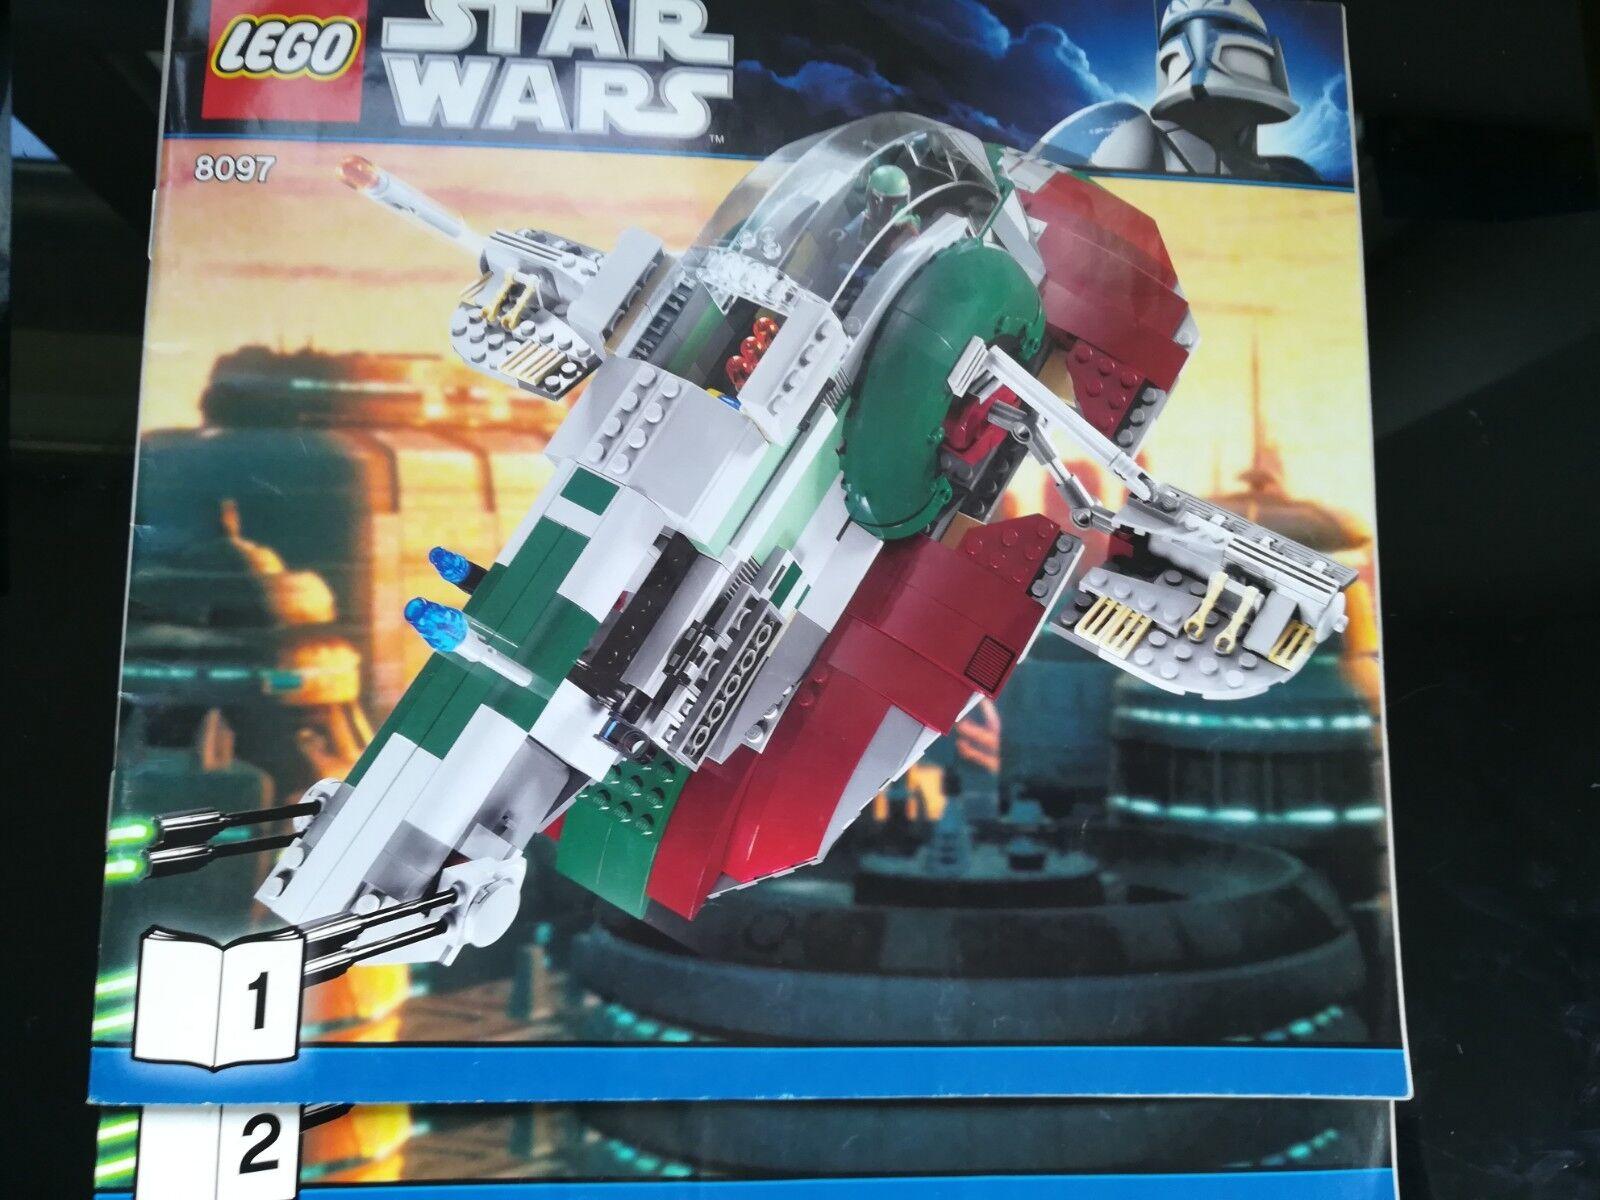 Lego Star Wars 8097 - Slave I Complet